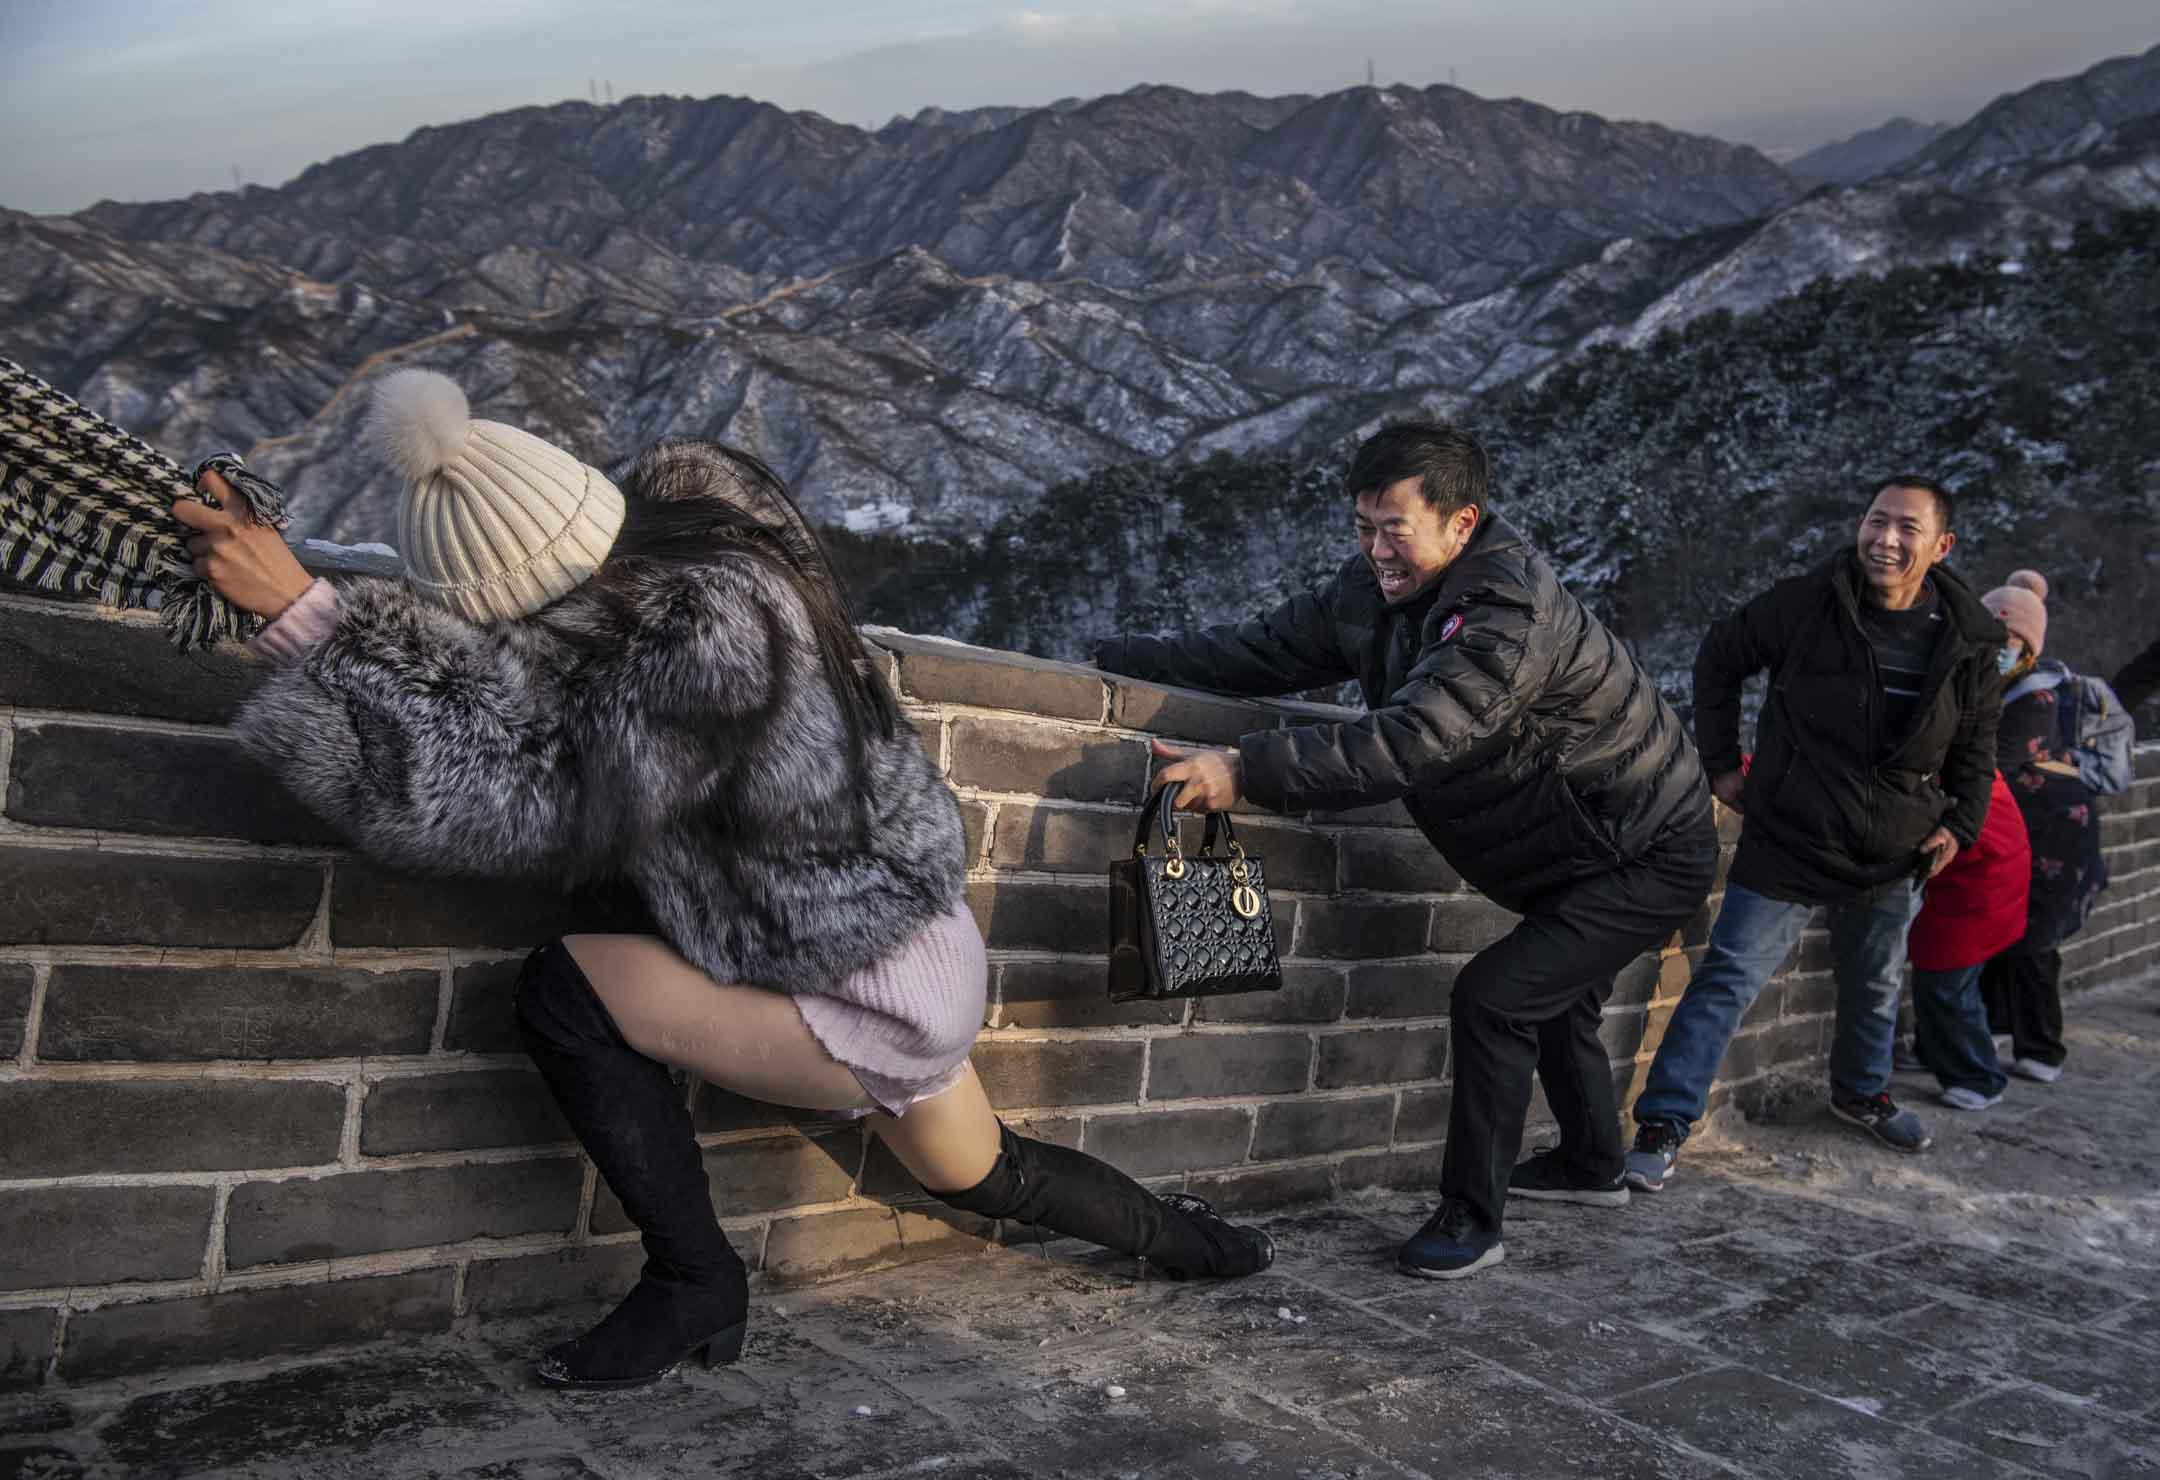 2019年11月30日,北京降雪後的一個寒冷的日子,八達嶺長城上有中國遊客們努力在風中攀爬 。 攝:Kevin Frayer/Getty Images